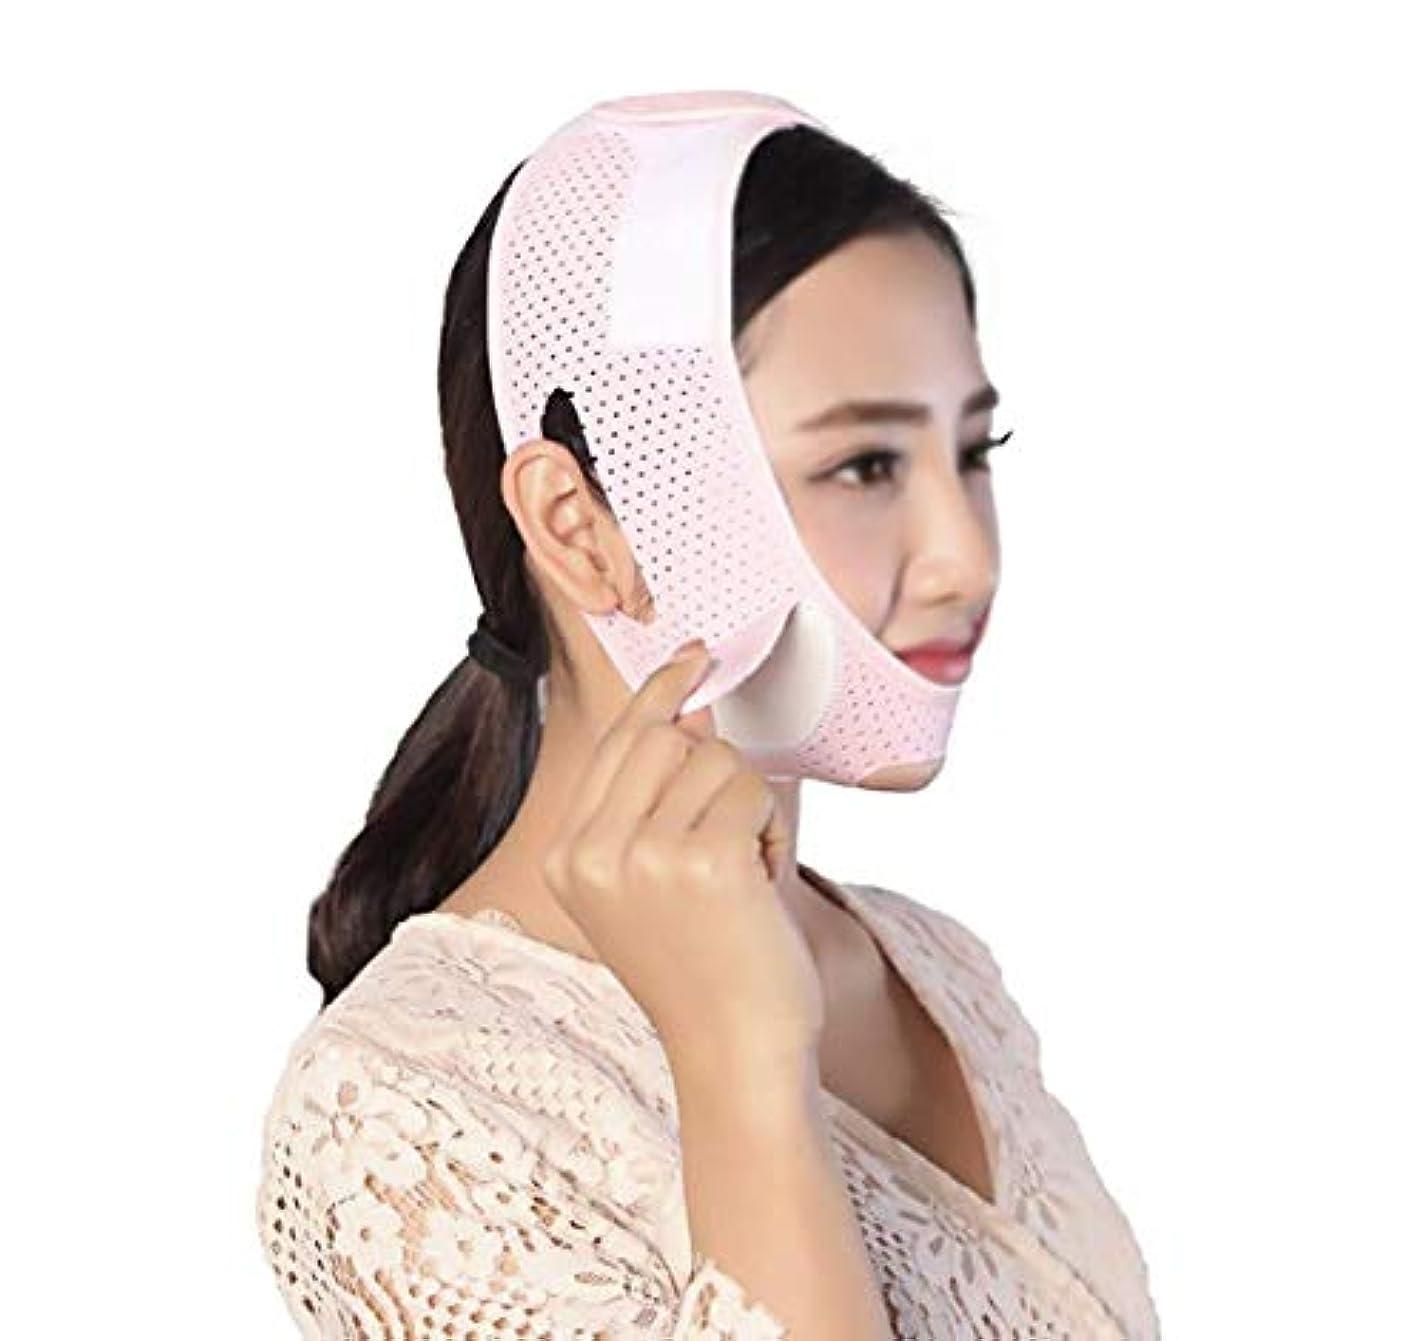 とげのある義務づけるインタフェース顔と首を持ち上げる術後弾性セットVフェイスマスクは、チンV顔アーティファクト回復サポートベルトの収縮の調整を強化します。